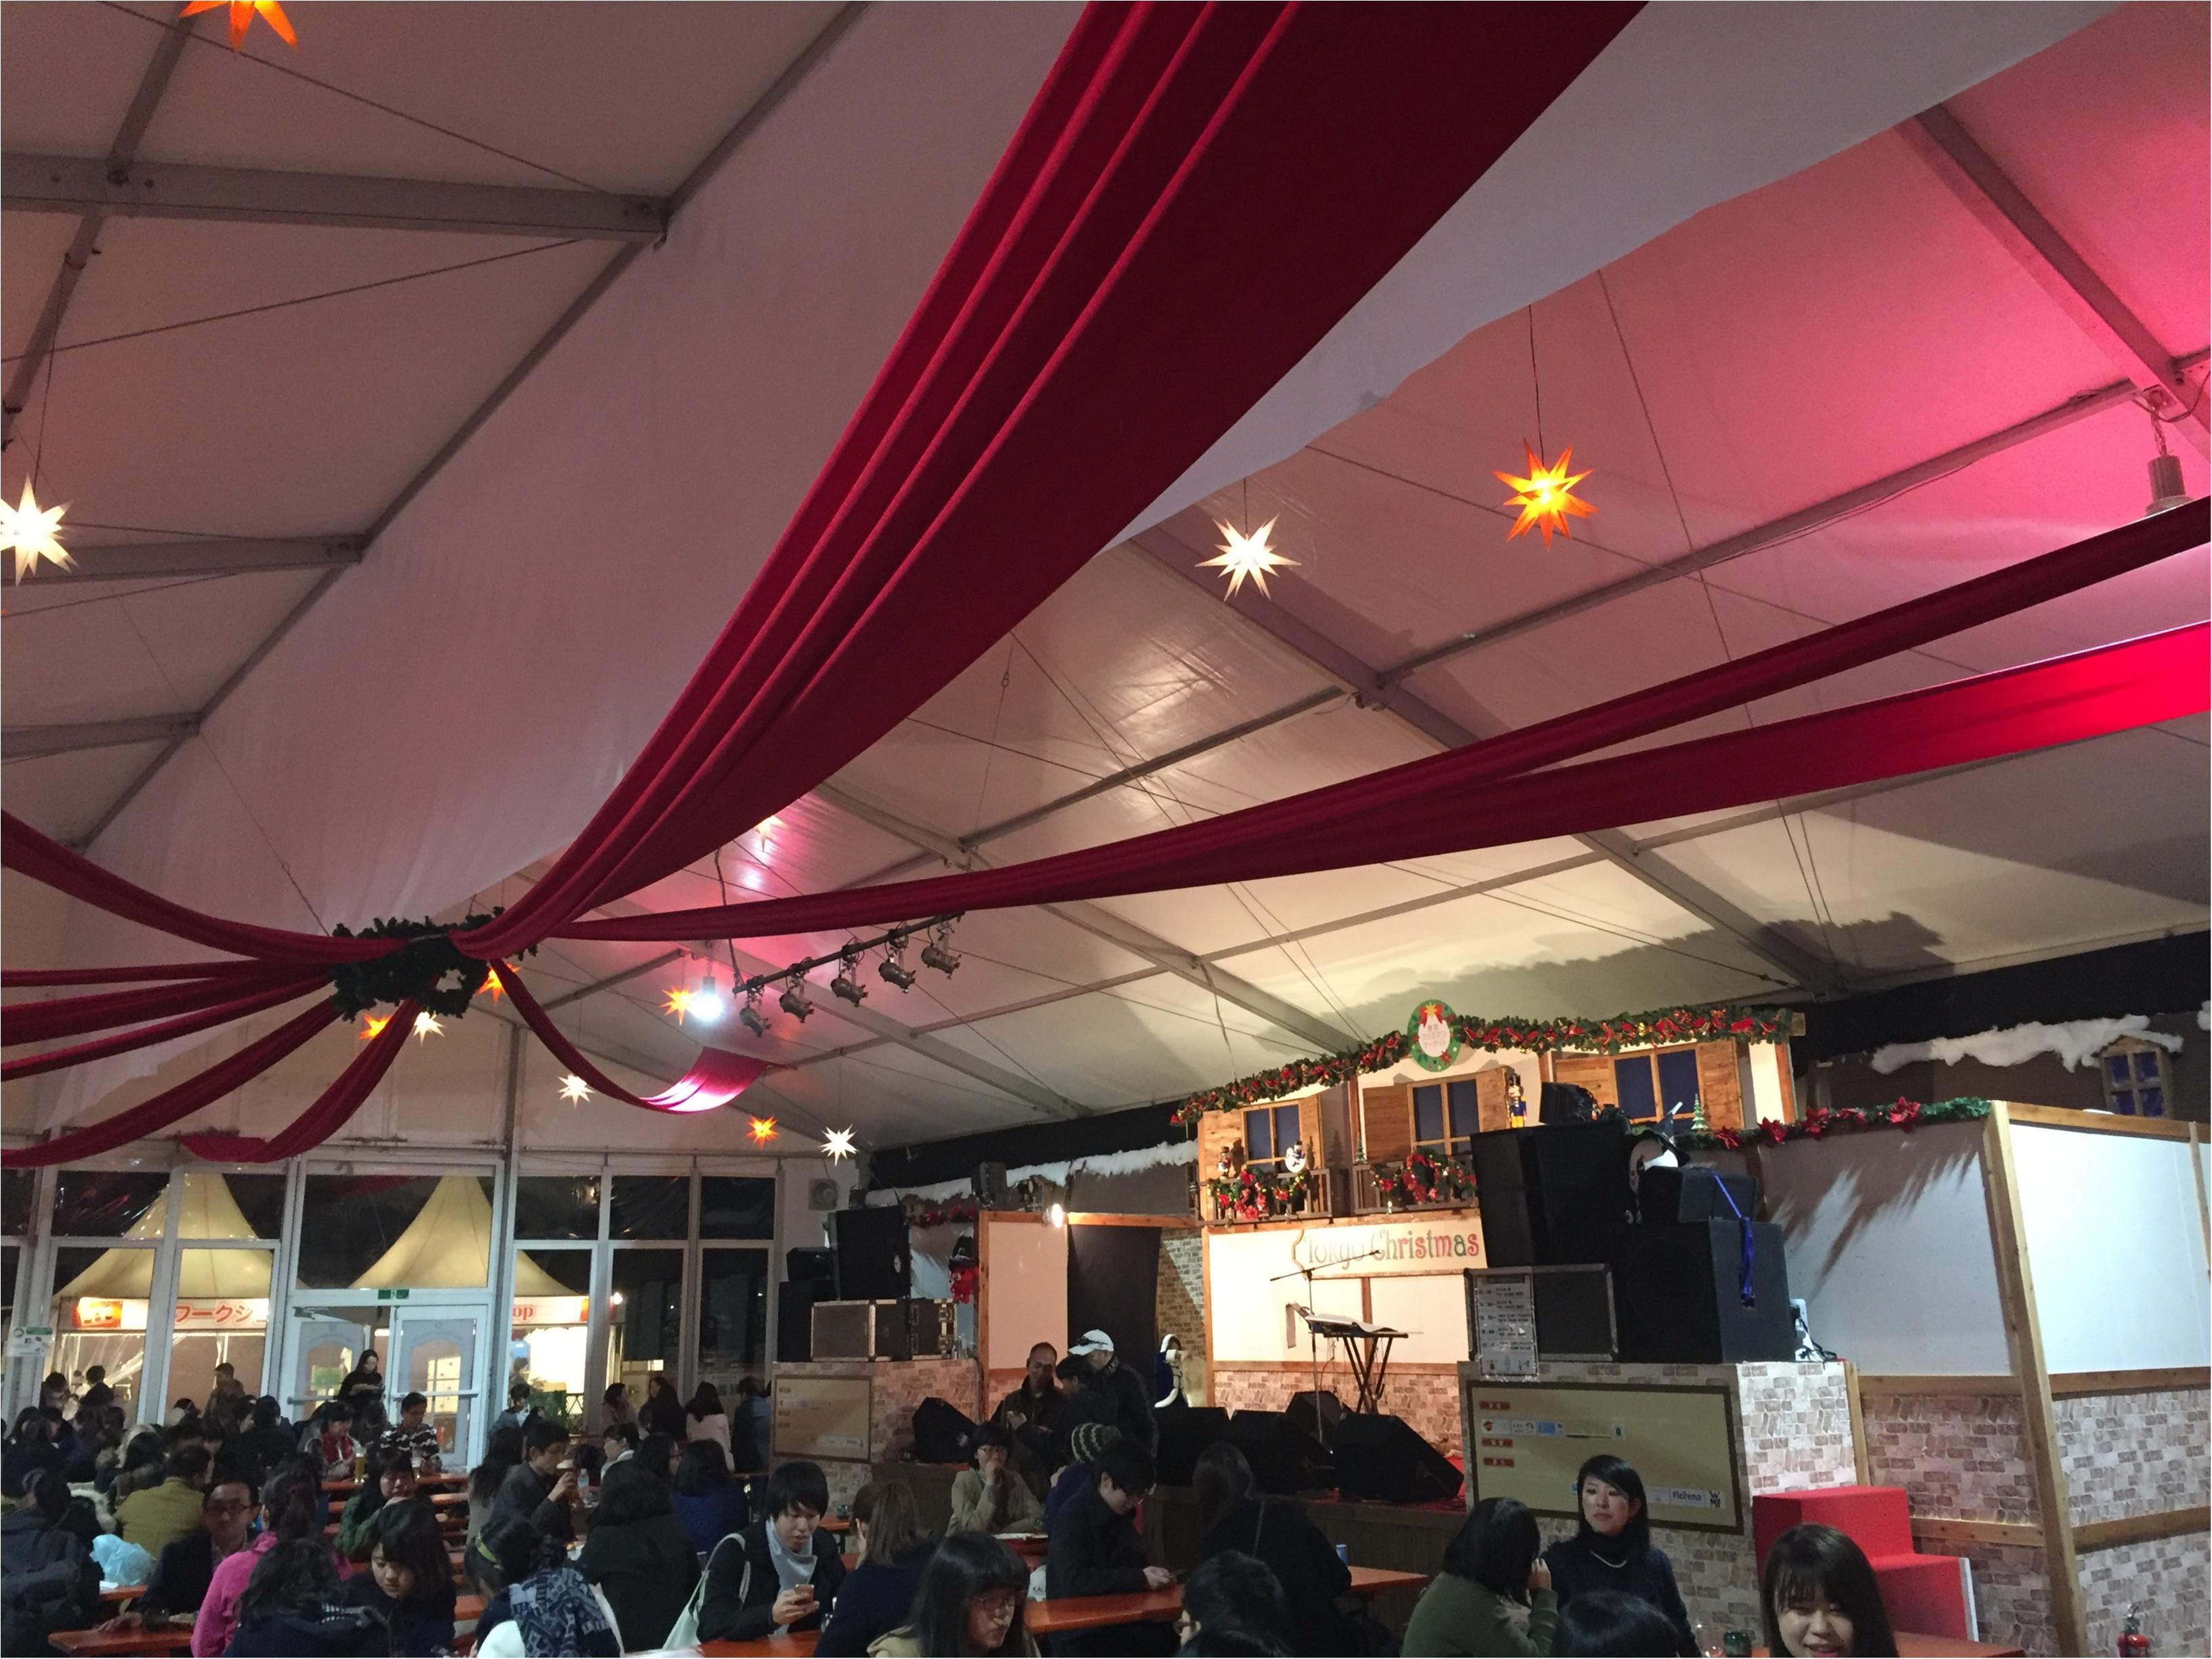 思わぬ素敵な出会いが✨✨日比谷公園【*東京クリスマスマーケット*】に行ってきました♪♪_13